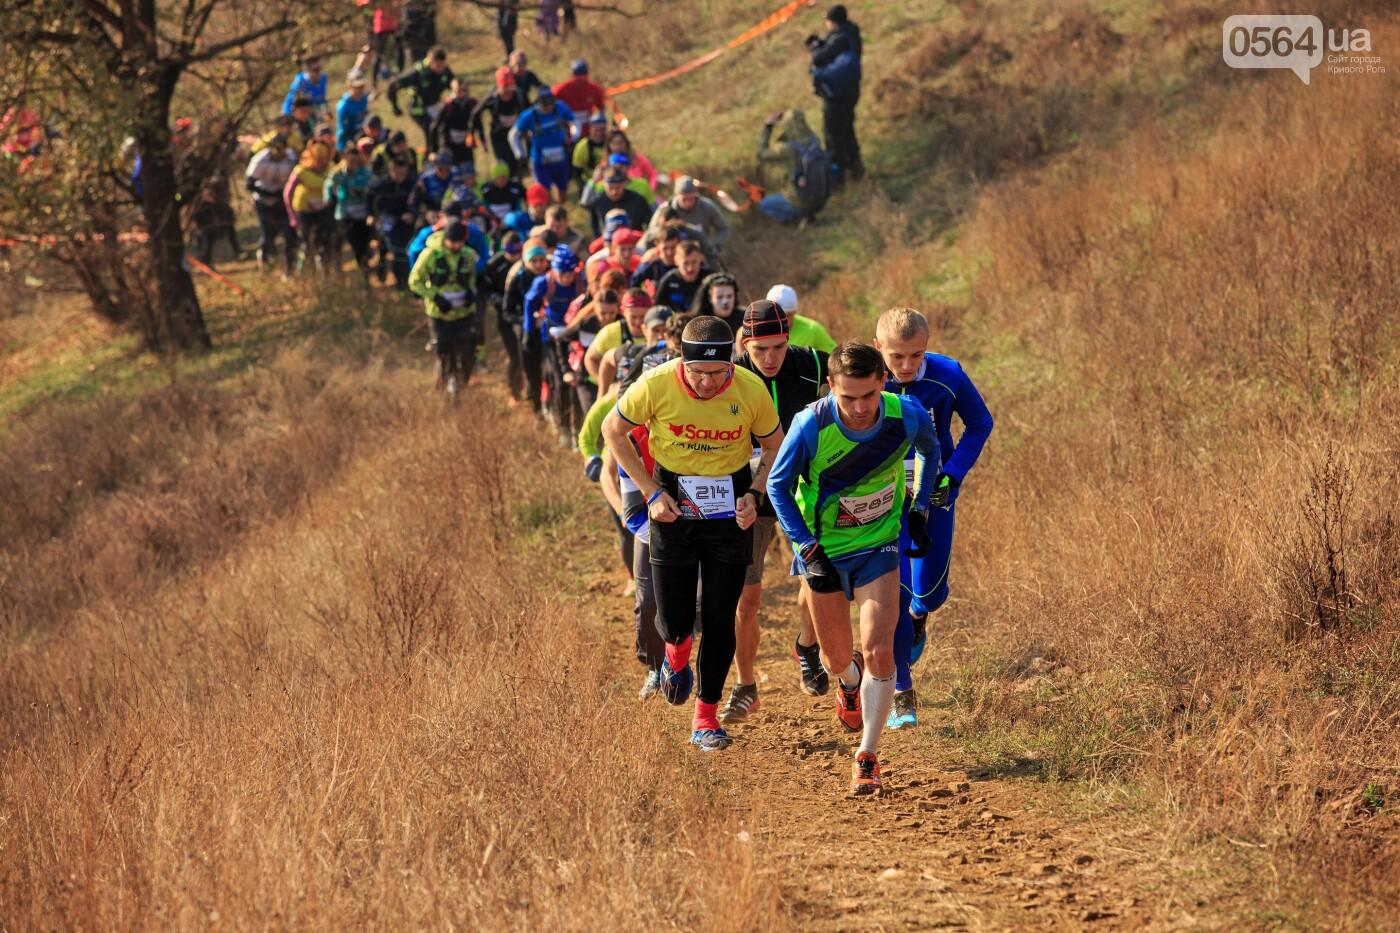 Спортсмены со всей Украины покорили «марсианские» маршруты марафона Red Stones Trail , фото-3